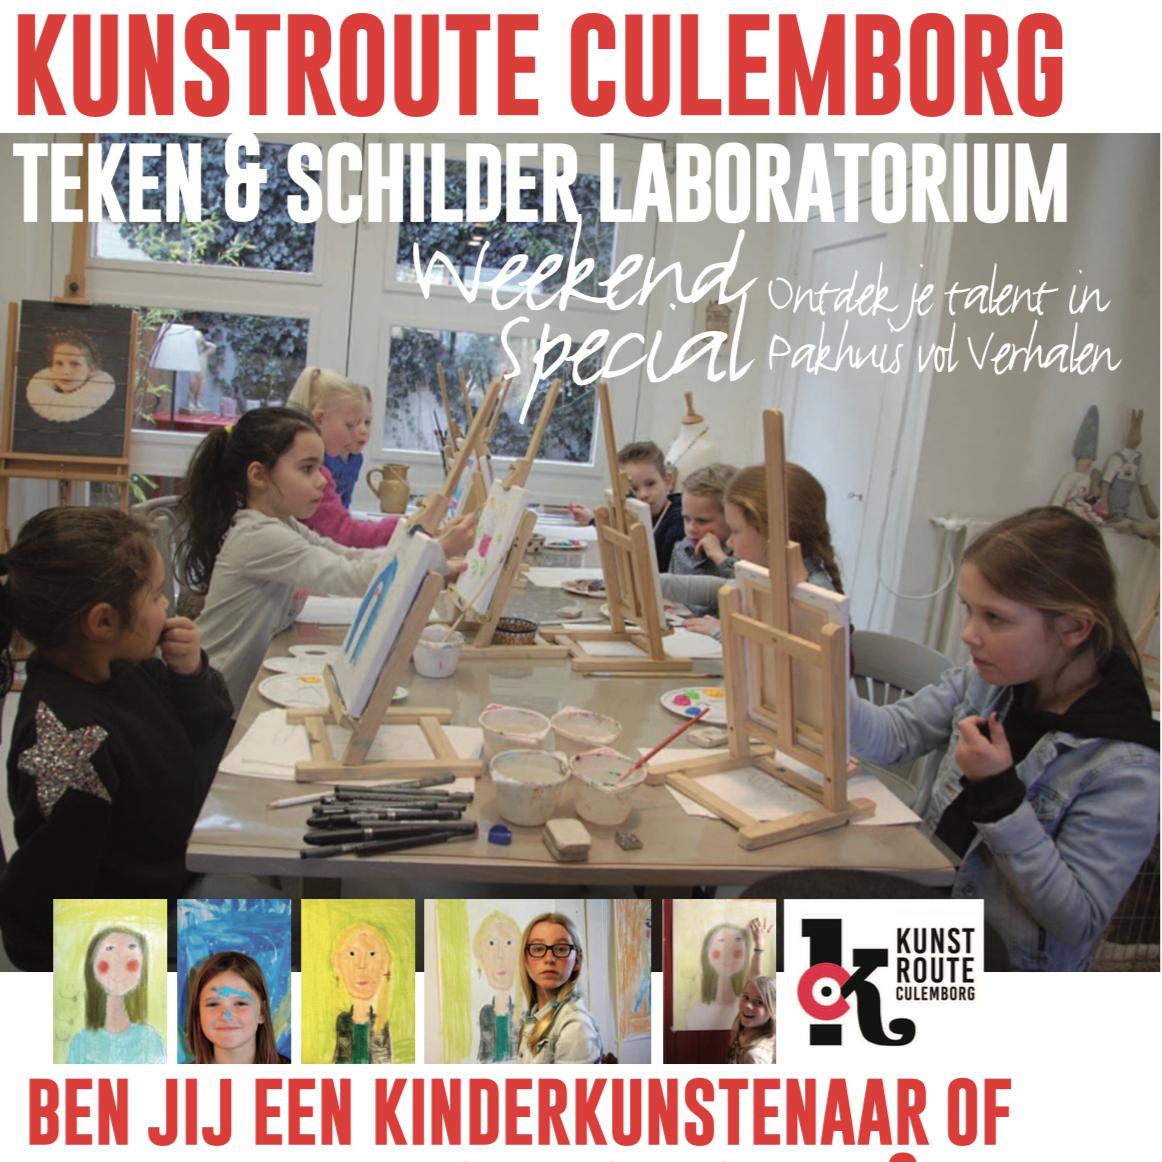 Kunstroute Culemborg